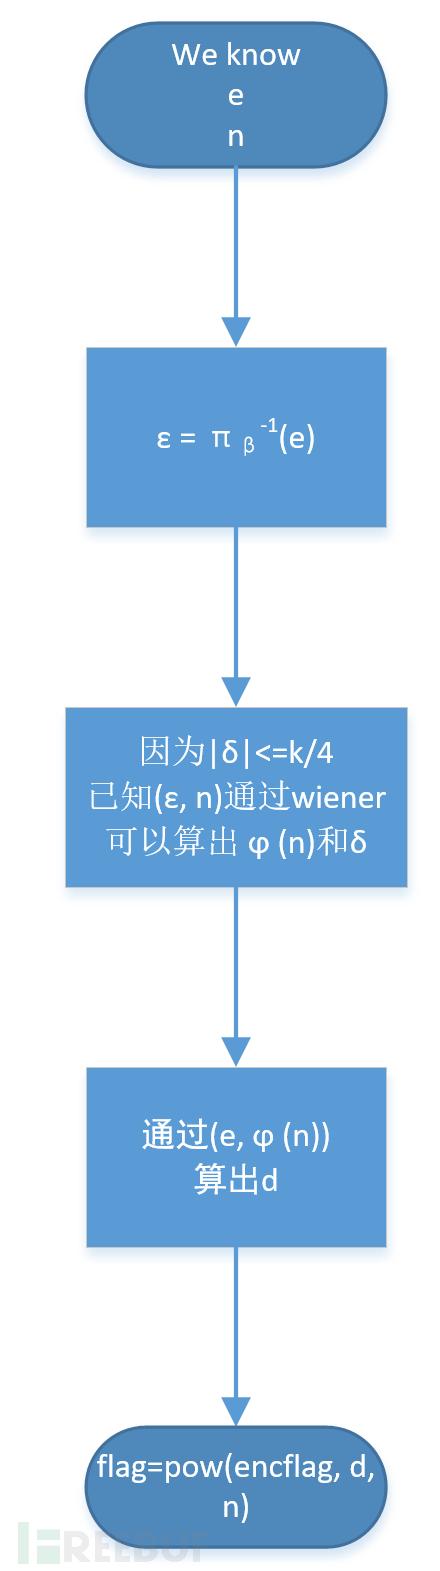 hctf_rsa1_2.png